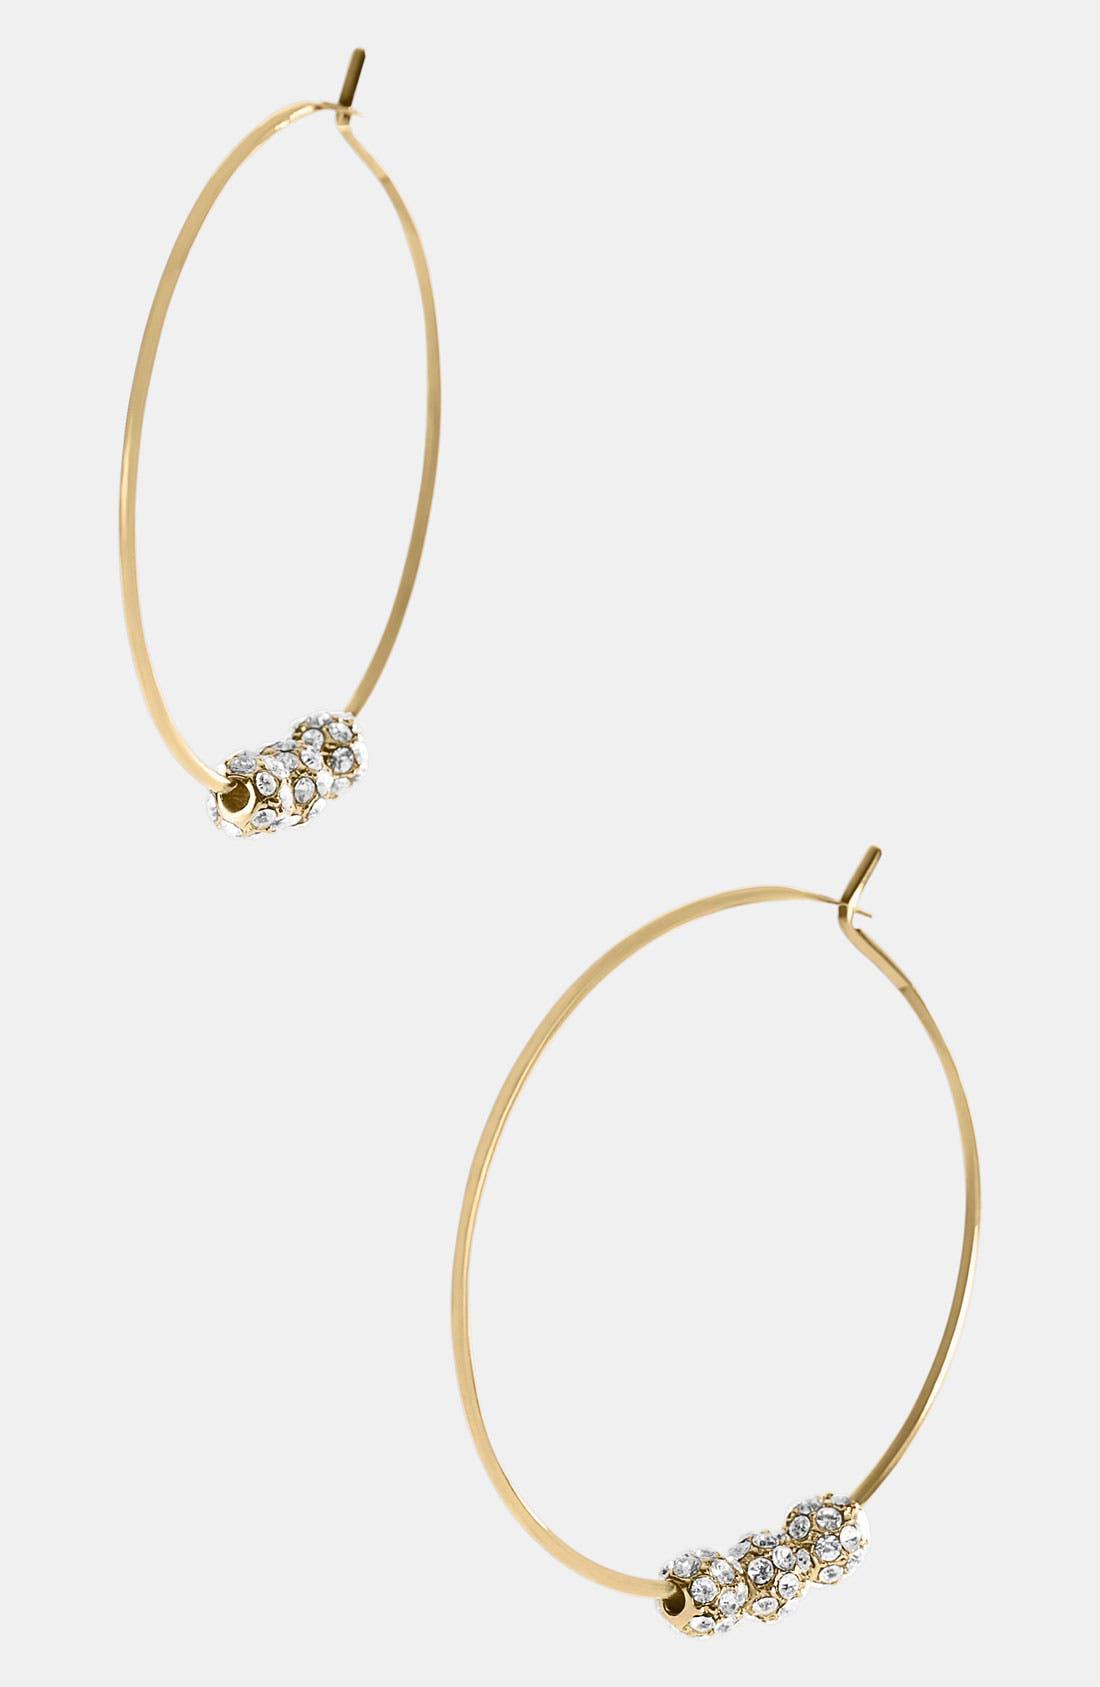 Main Image - Michael Kors 'Fireball Whisper' Hoop Earrings